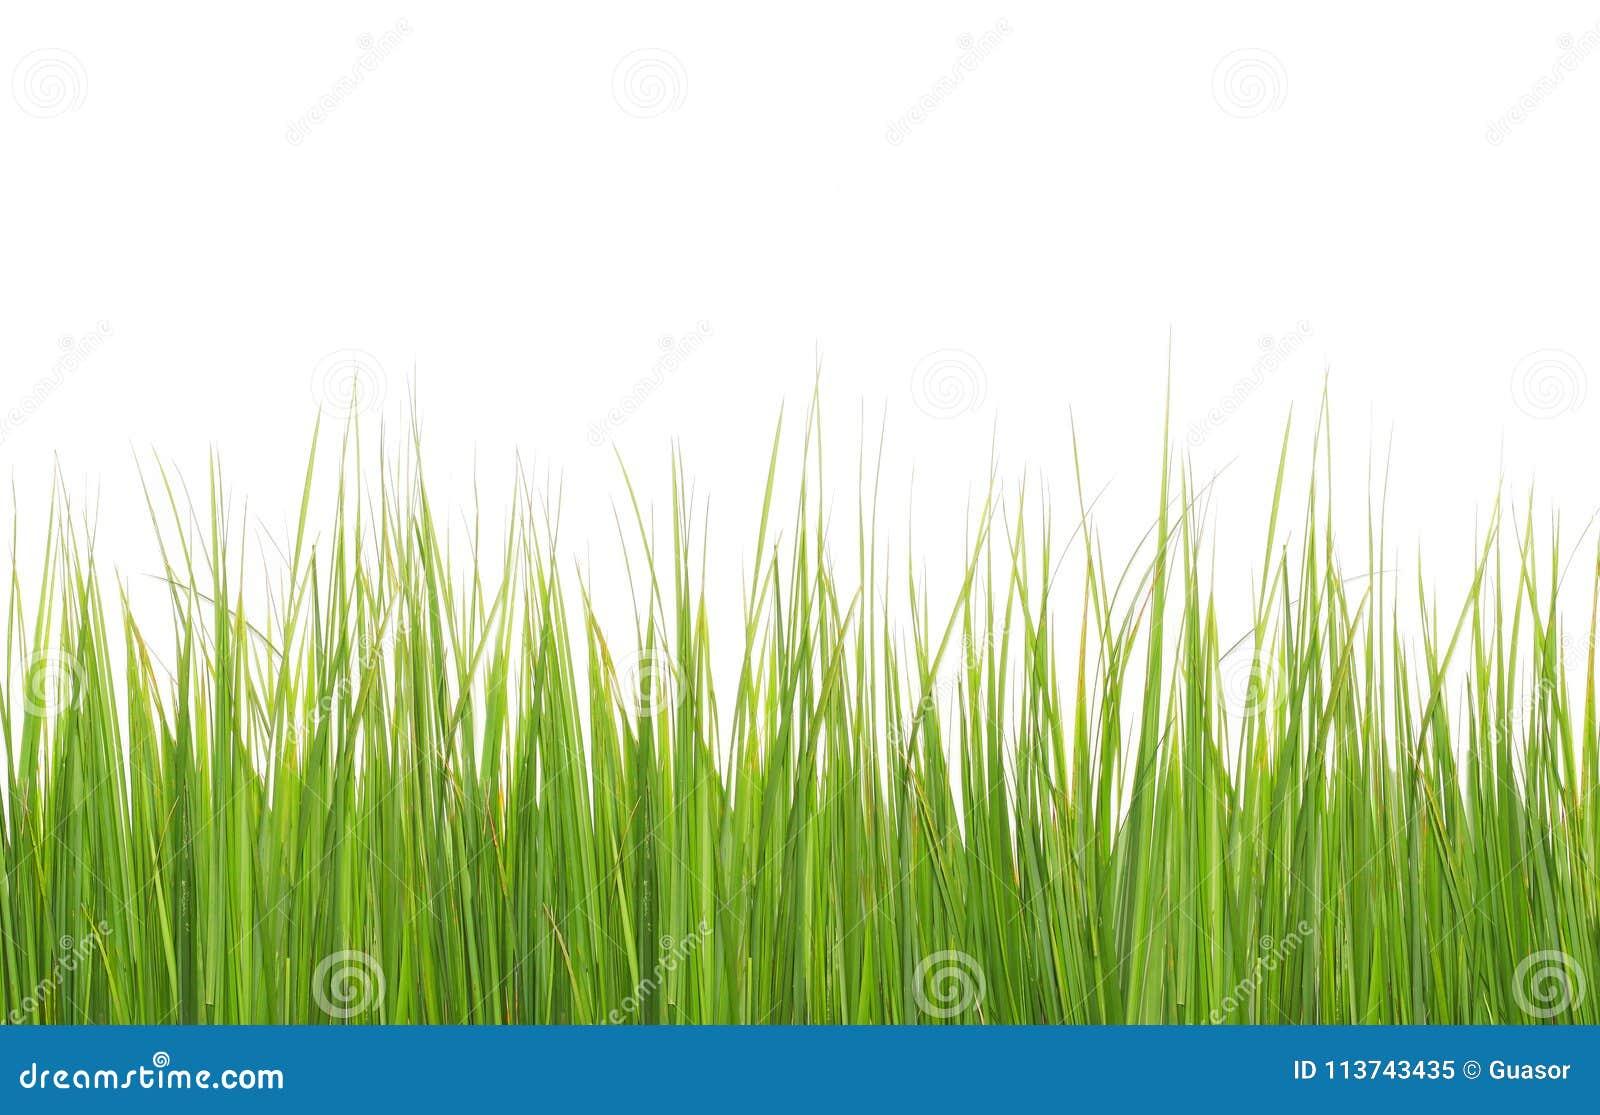 Groen lang die gras op wit wordt geïsoleerd